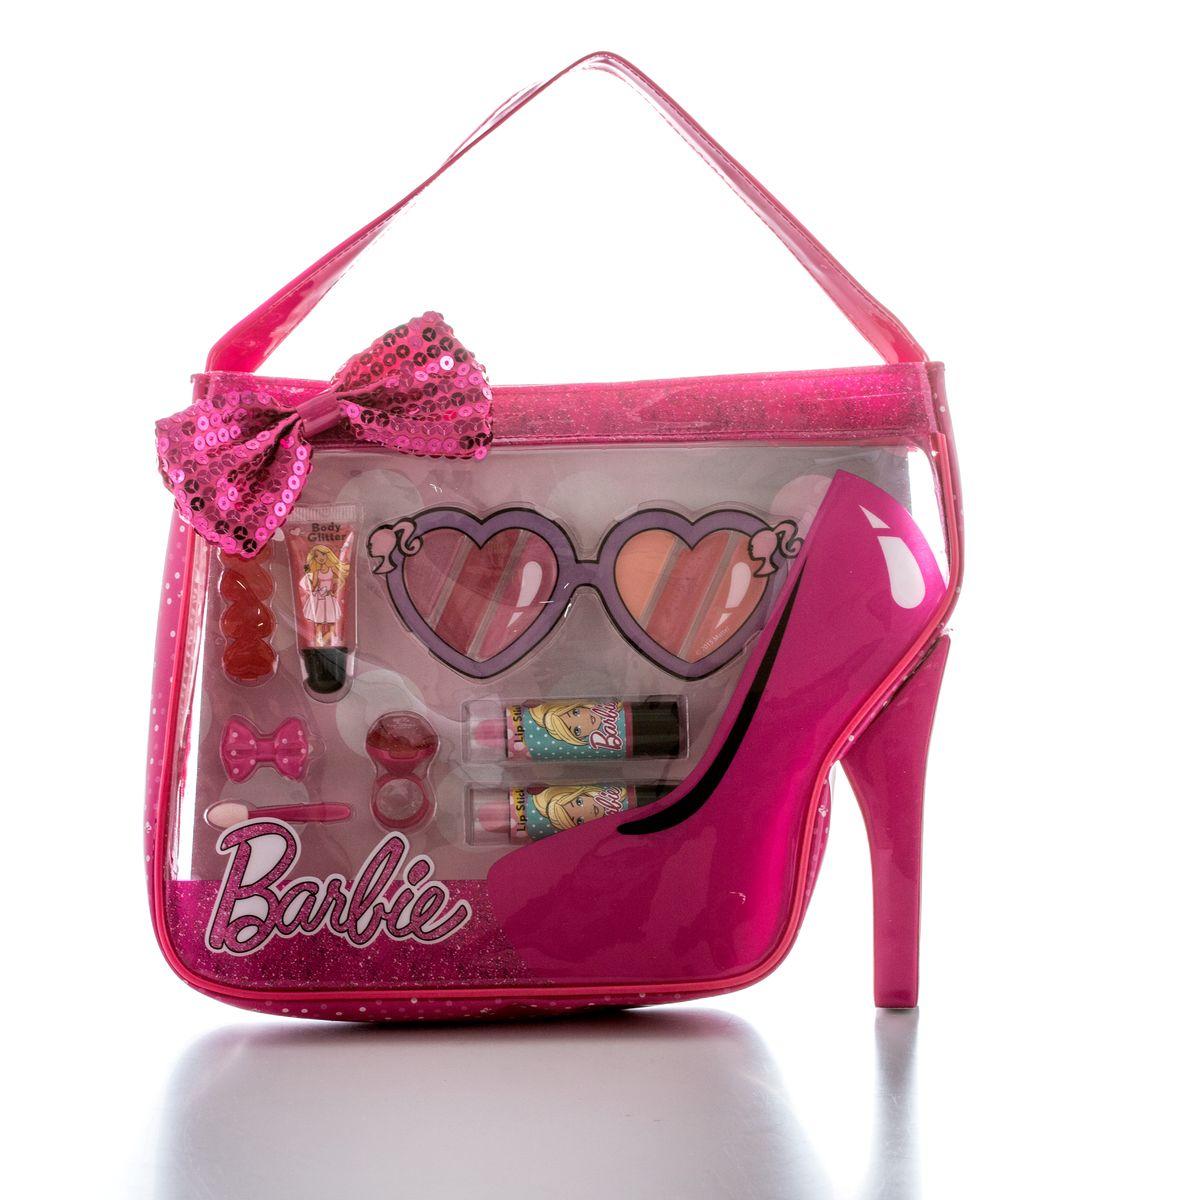 Markwins Игровой набор детской декоративной косметики Barbie в сумочкеMFM-3101Косметика на водной основе легко наносится и смывается, она совершенно безопасна для детской кожи. Детская косметика Markwins создана с соблюдением самых высоких европейских стандартов безопасности. Продукция не содержит парабенов, метилизотиазолинона, пальмового масла.Предназначена для детей от 7 лет. В комплекте: блеск для губ в тубе, губные помады в футлярах 2 шт, блеск для губ в колечке, палитра блесков для губ из 6 оттенков, заколочки для волос 2 шт, аппликатор, сумочка.Несмотря на высокое качество продукции и ее общую гипоаллергенность, производитель рекомендует проверить индивидуальную реакцию на косметику перед ее использованием. Просто нанесите на кожу немного косметики и подержите 30-60 минут. Если на коже появится покраснение, следует прекратить использование продукции. Эта аллергическая реакция проявляется очень редко и зависит от индивидуальных особенностей организма.